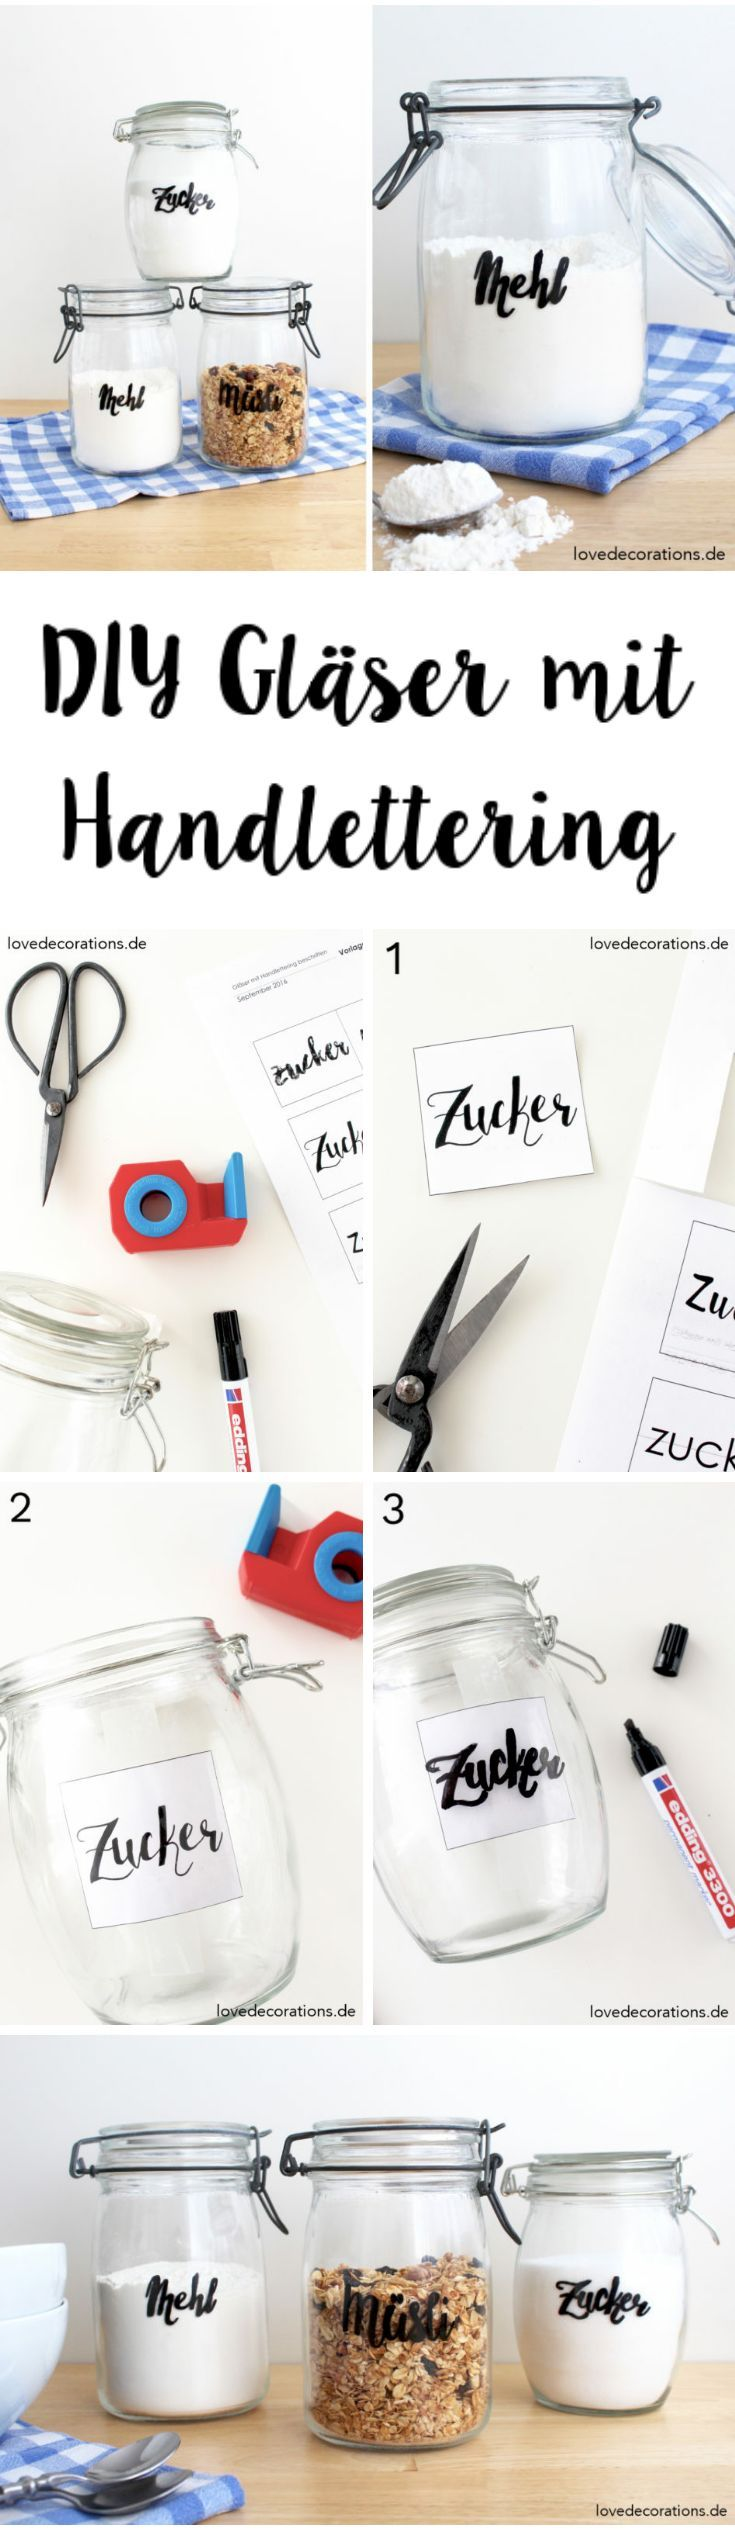 DIY Gläser mit Handlettering beschriften und ein bisschen von den Anfängen meines Bloggerlebens